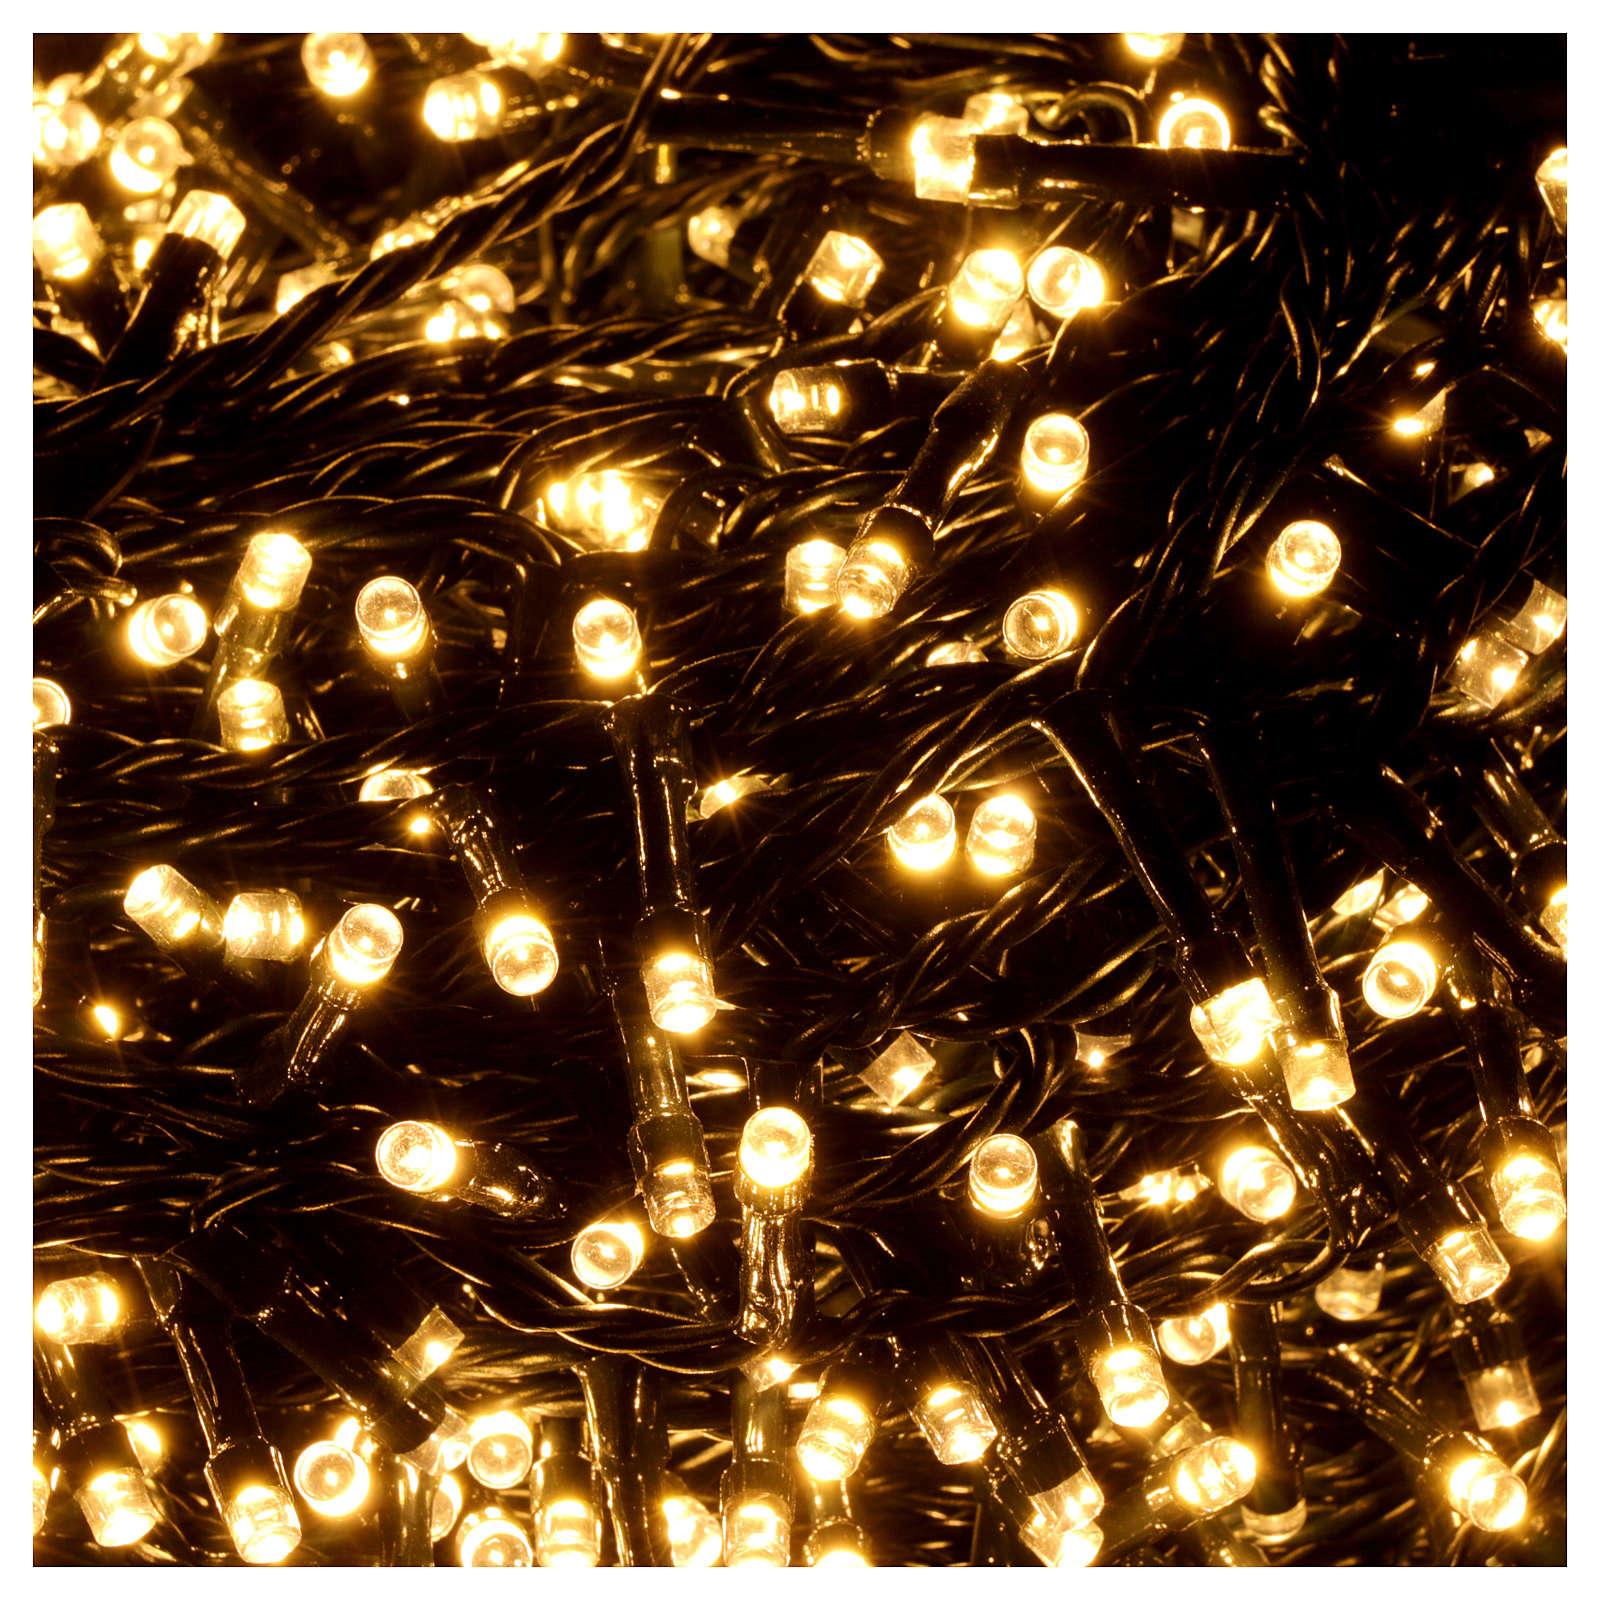 cc0e746e30e Cadena luces de Navidad 1500 LED blanco cálido programable EXTERIOR  INTERIOR corriente 3